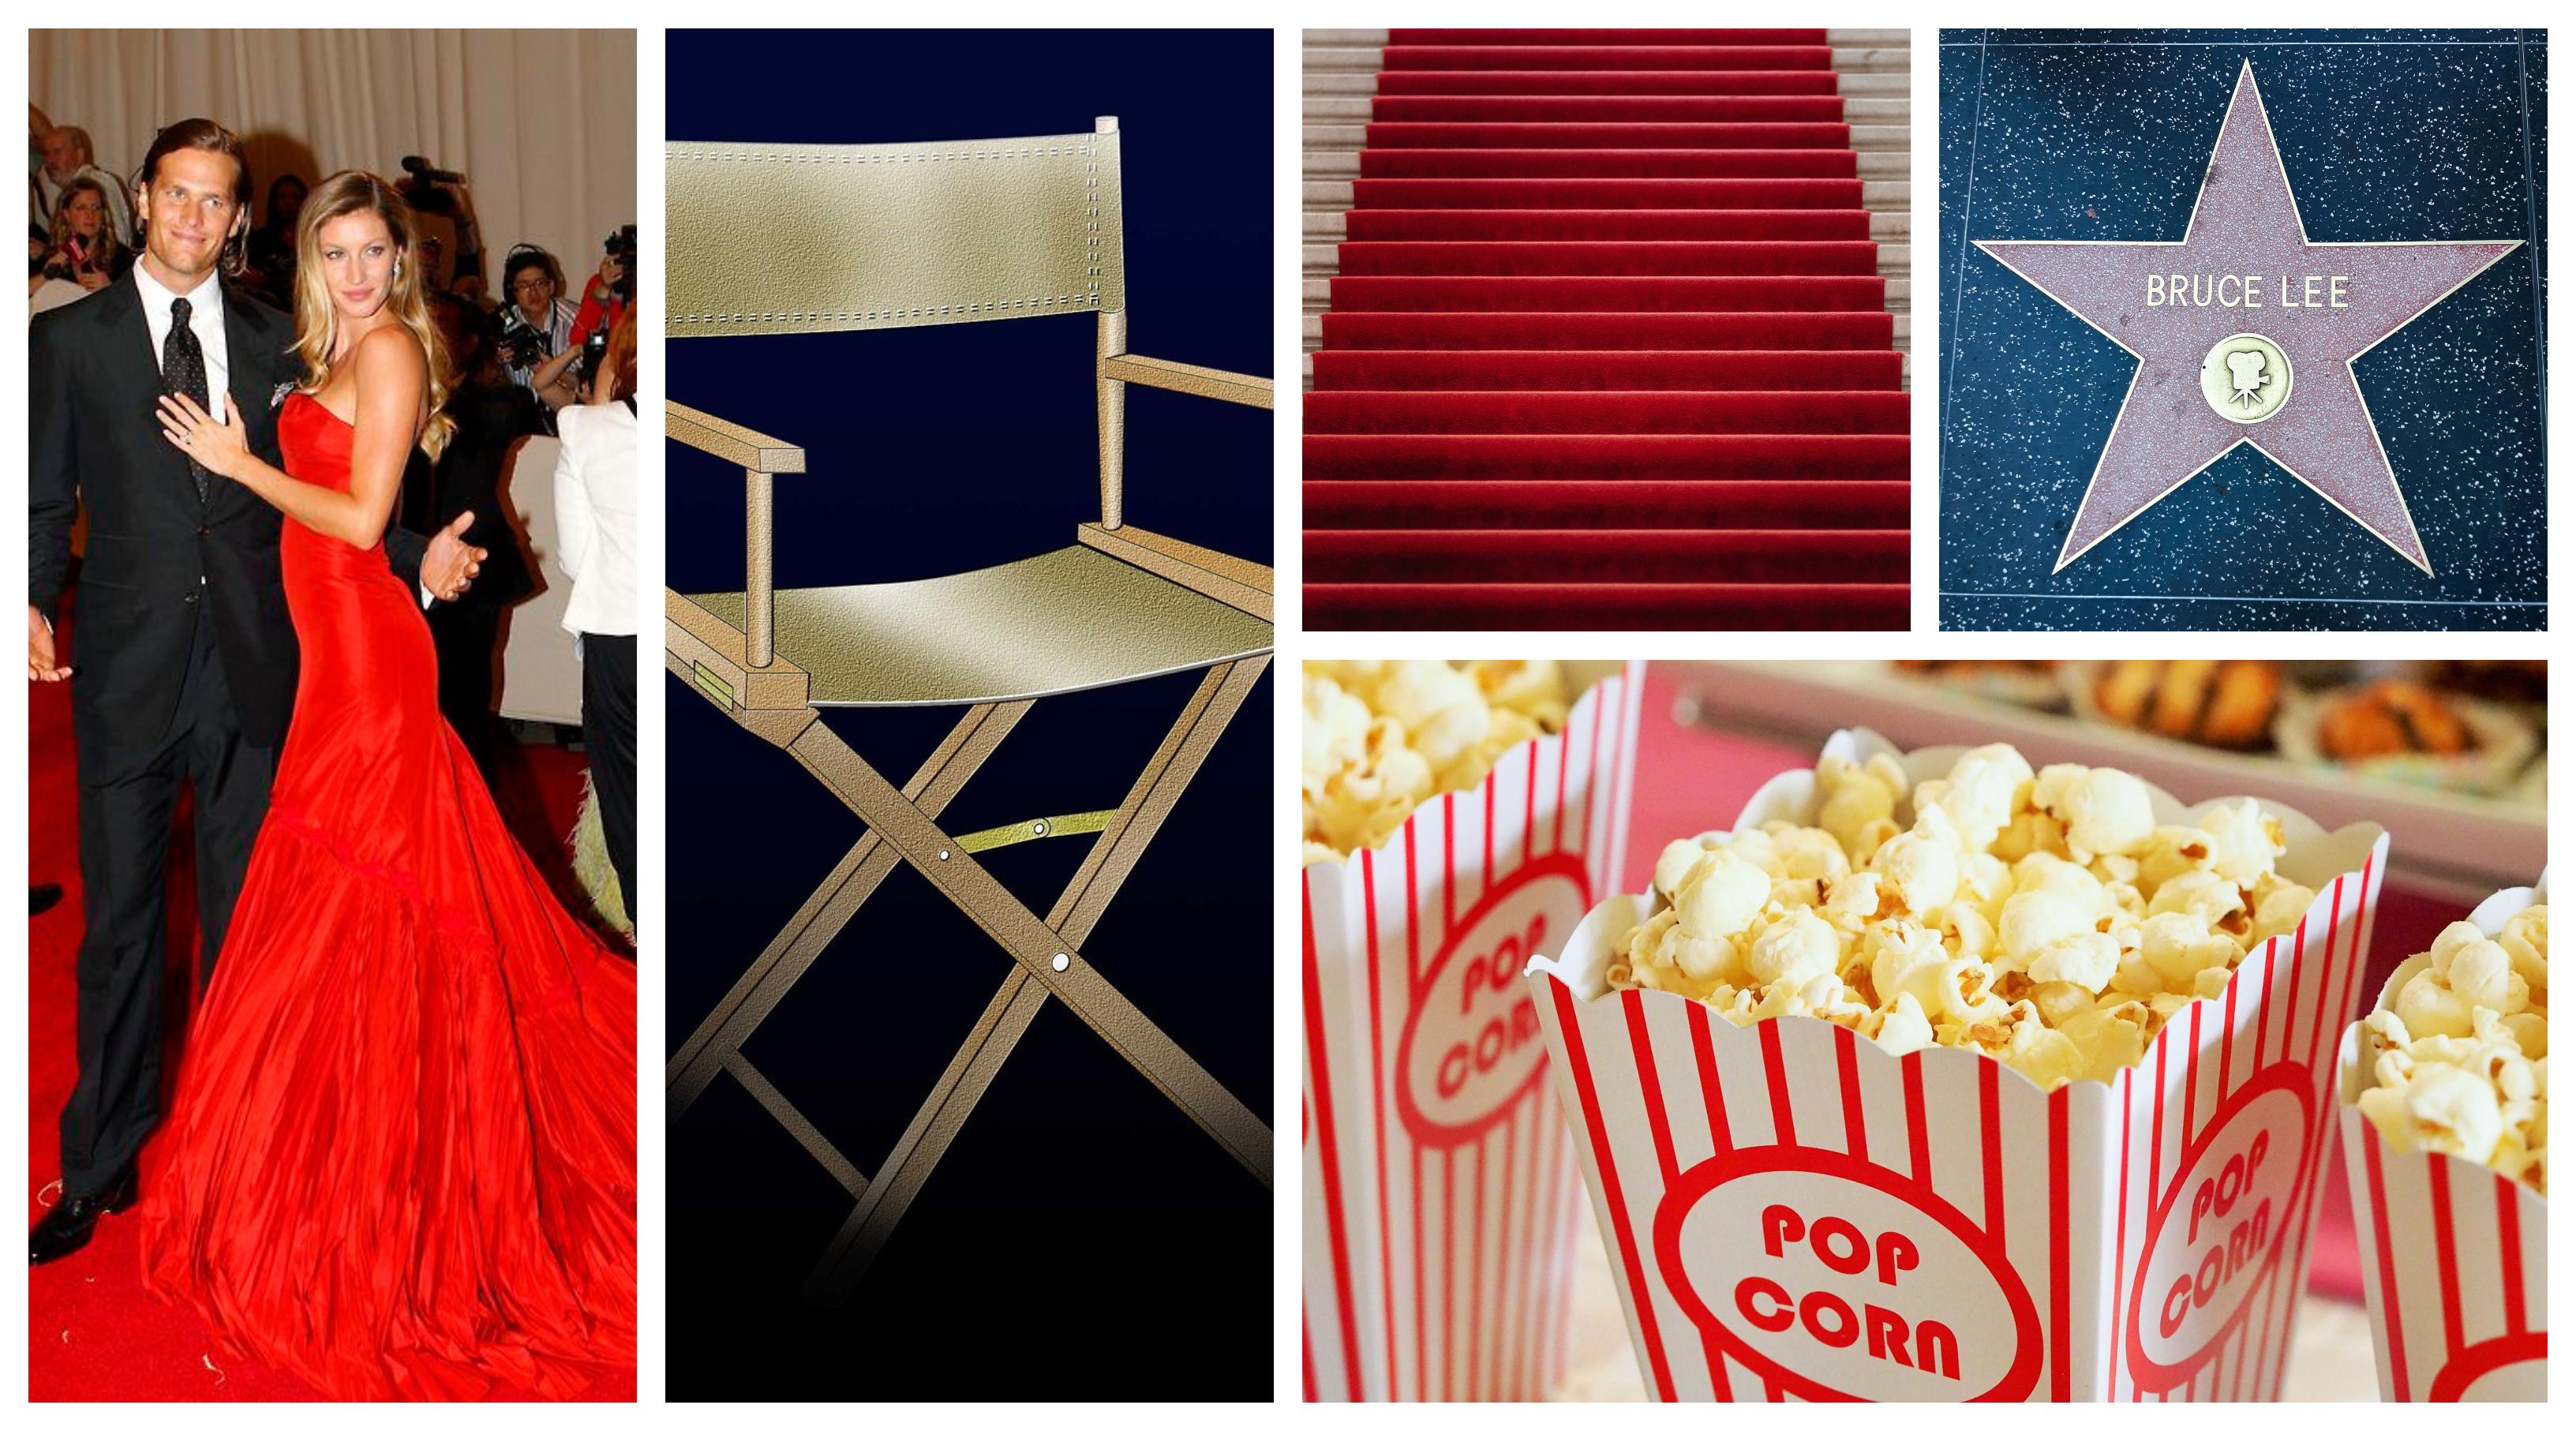 Theme nouvel an, soiree a theme les couples célèbres de notre epoque, comment décider quelle soirée organiser, soirée Hollywood